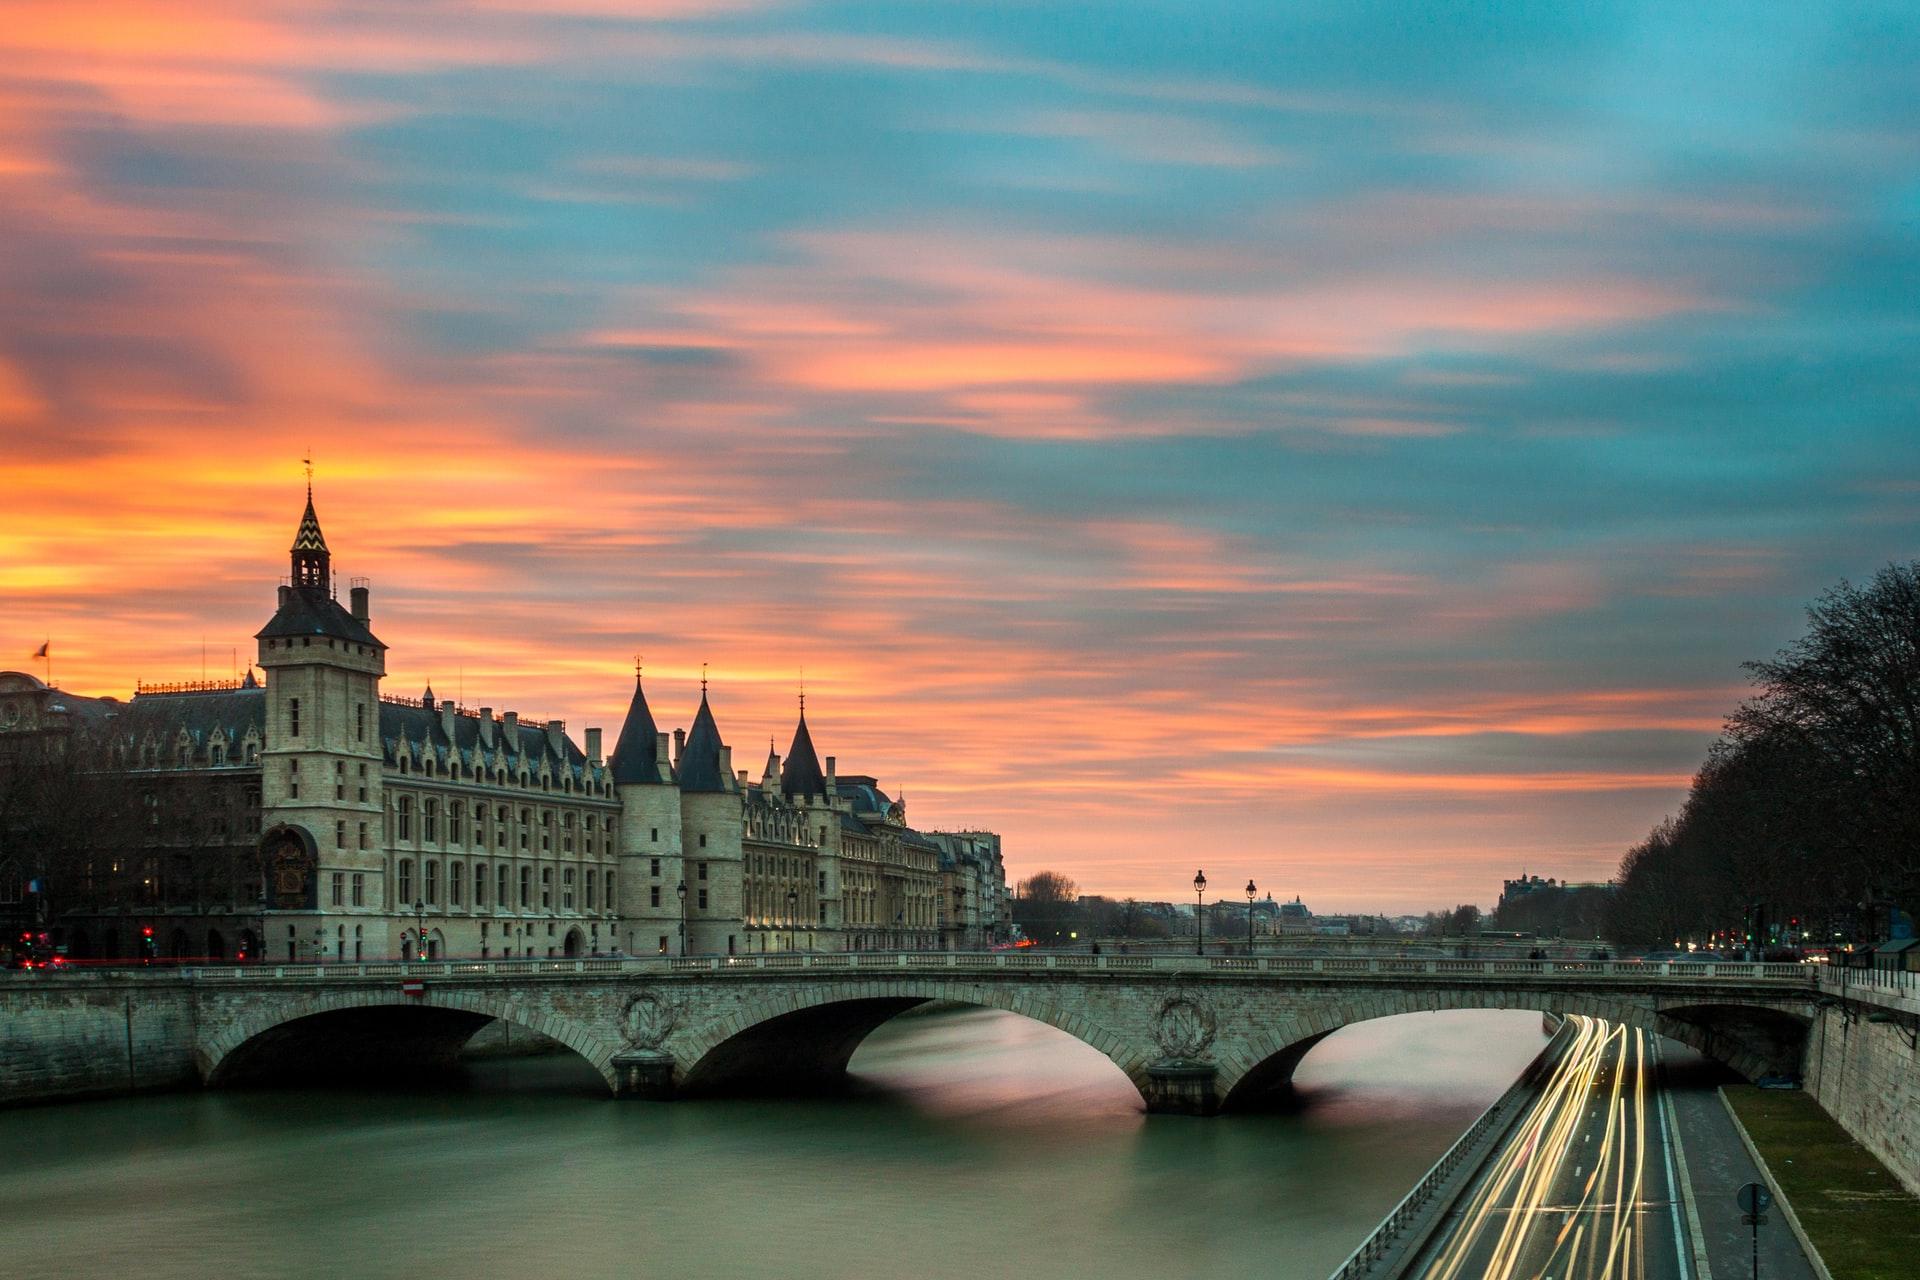 visites virtuelles ponts paris histoire seine